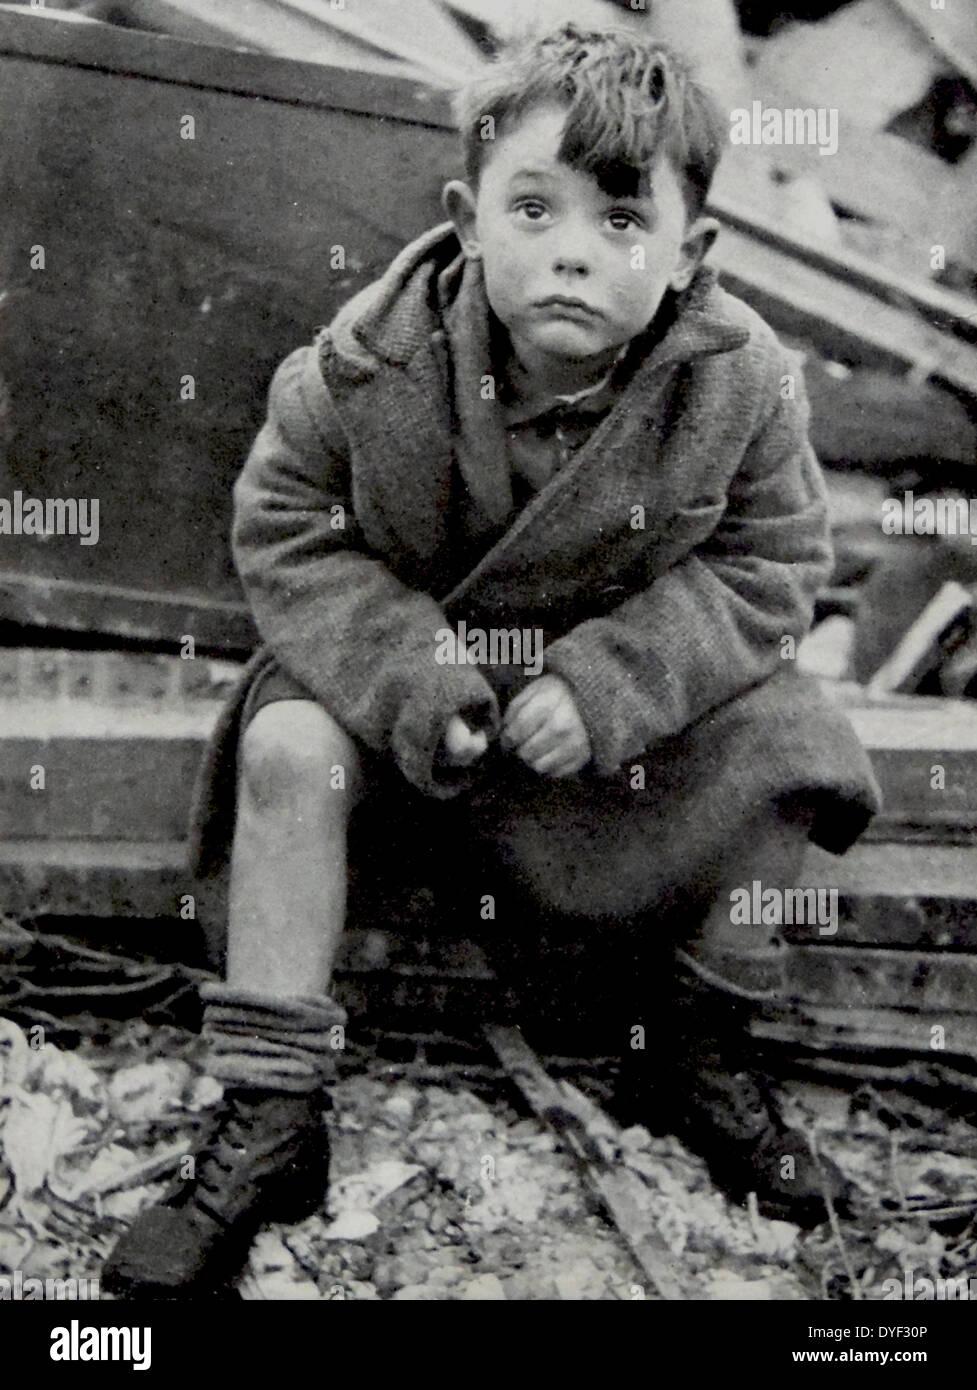 Un bambino orfano sembra sconvolta dopo essere sopravvissuto al Blitz su Londra, dal tedesco V2 razzi 1944 Foto Stock